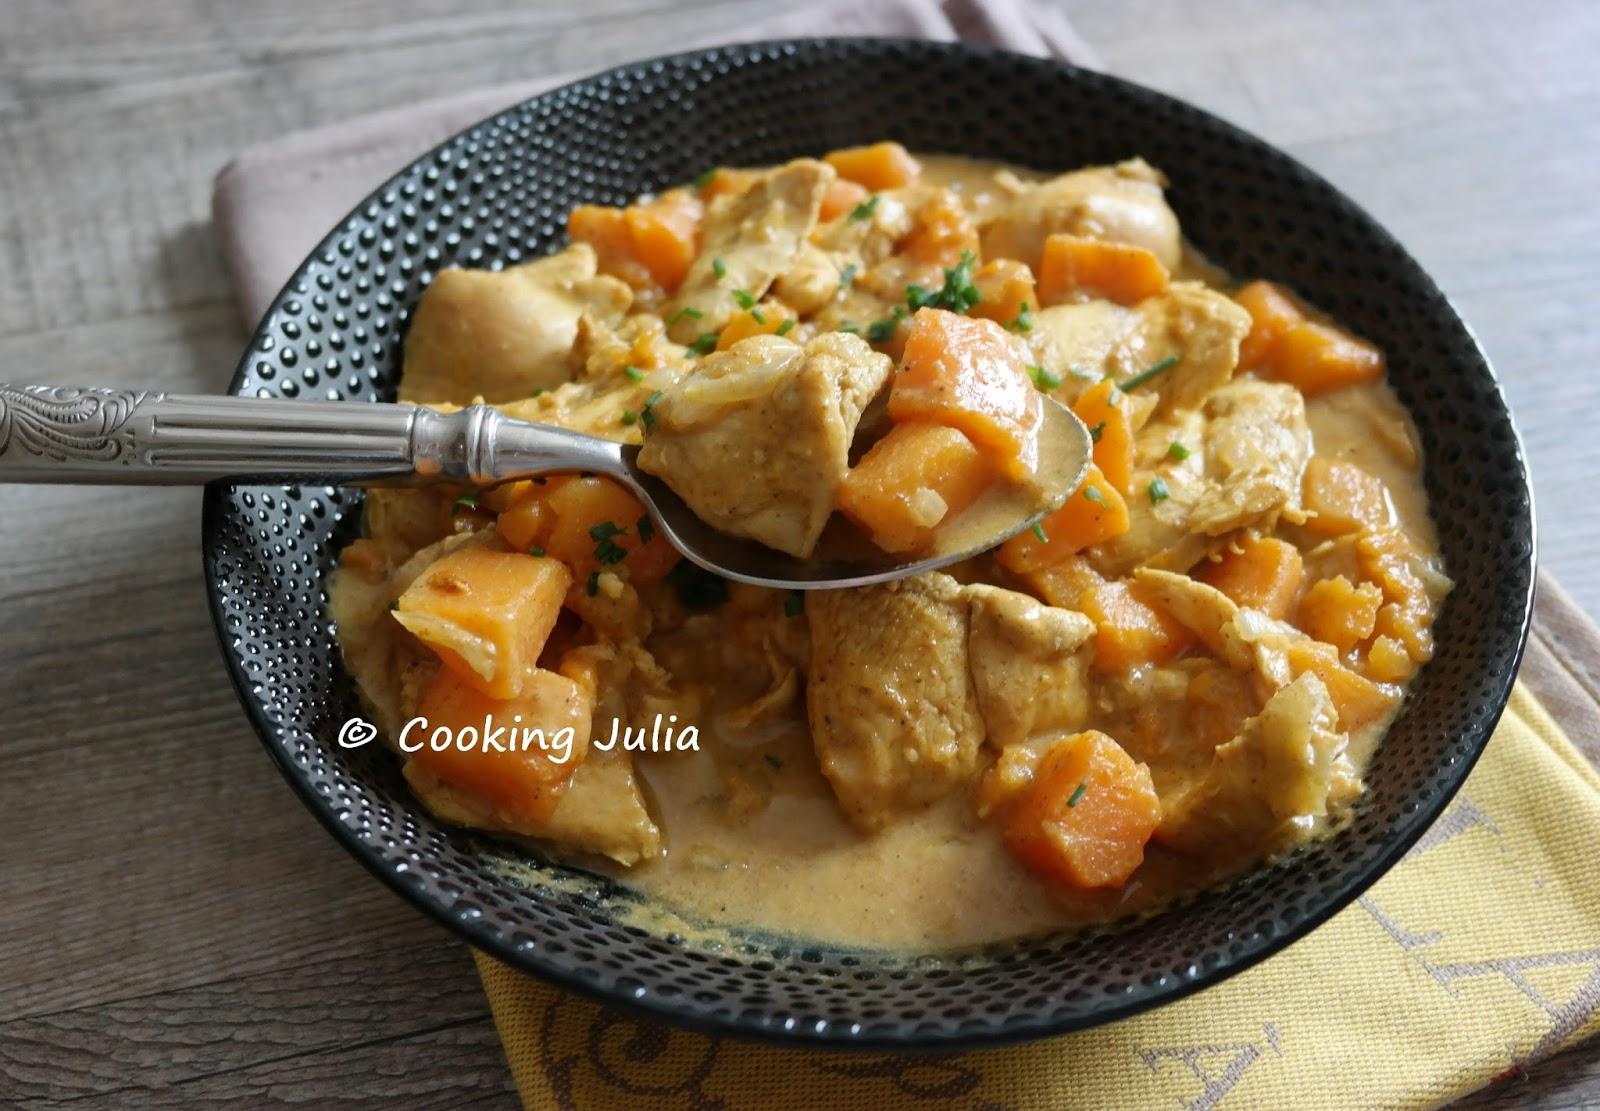 de la patate douce, mais on peut la remplacer par des carottes, des  pommes de terre ou, pourquoi pas, du brocoli ou des épinards (à ajouter  seulement en